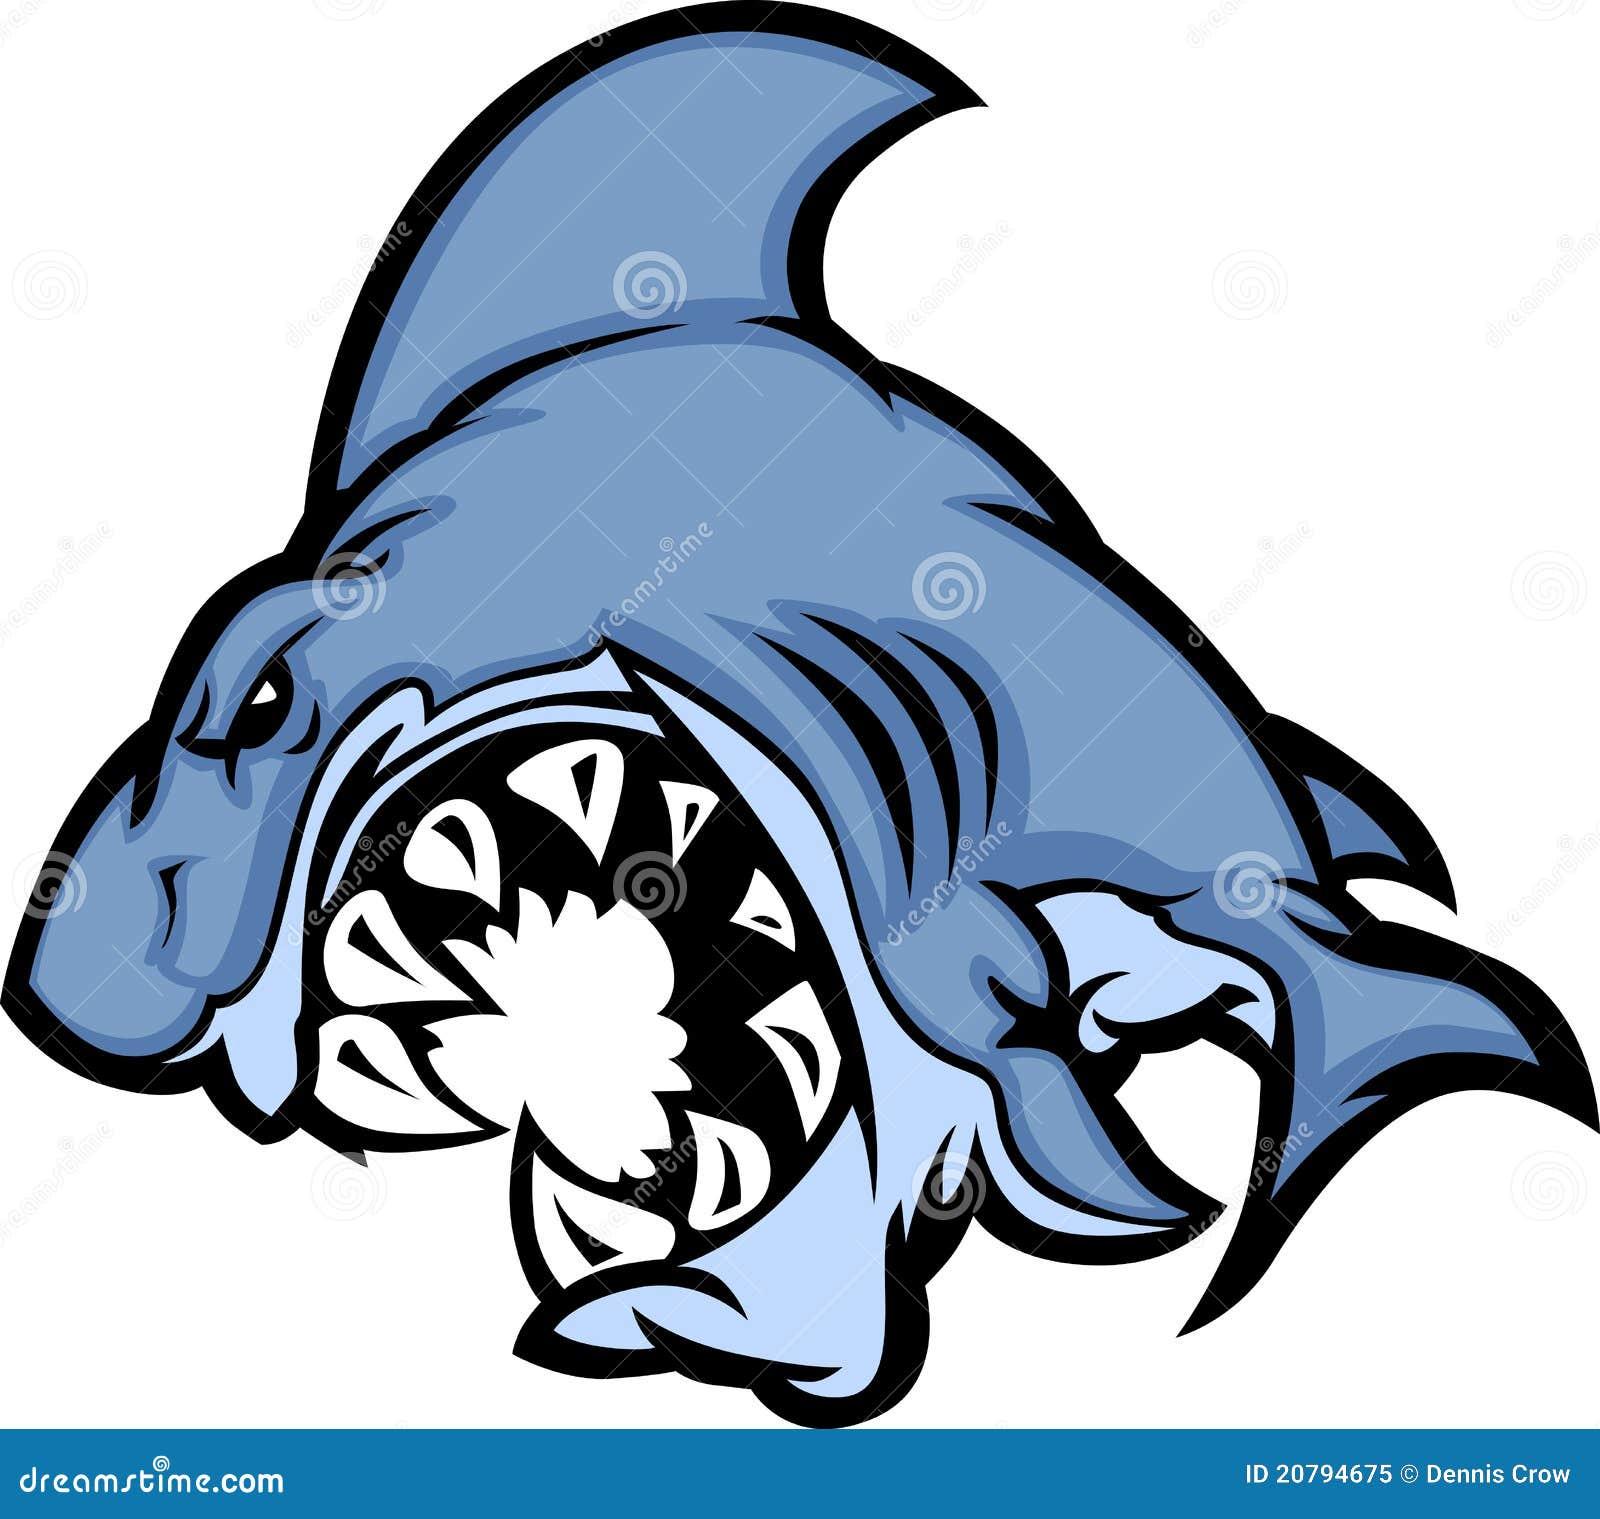 Image de dessin anim de mascotte de requin illustration - Modele dessin requin ...